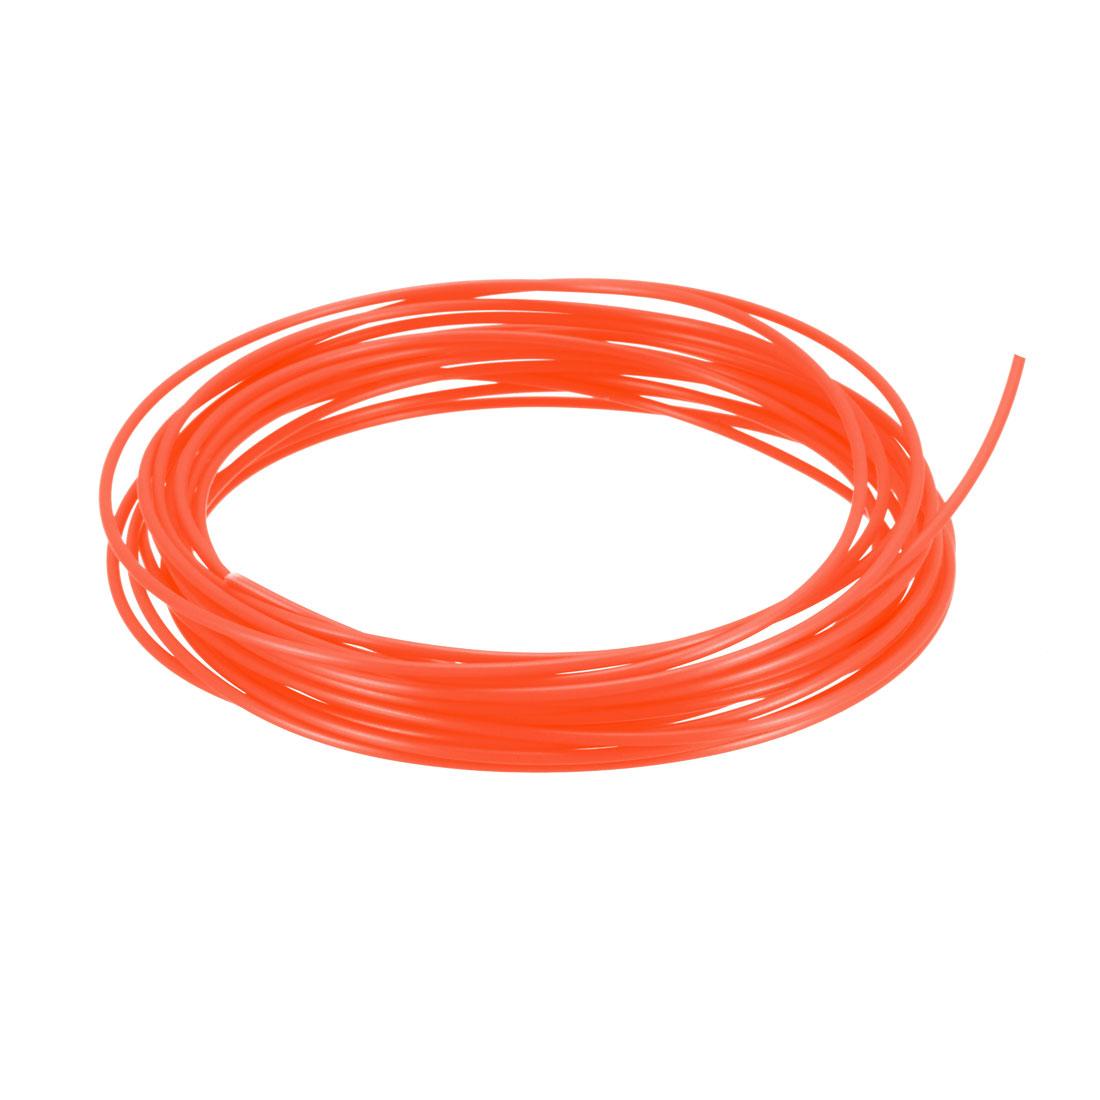 5 Meter/16 Ft ABS 3D Pen/3D Printer Filament, 1.75 mm Fluorescent Red